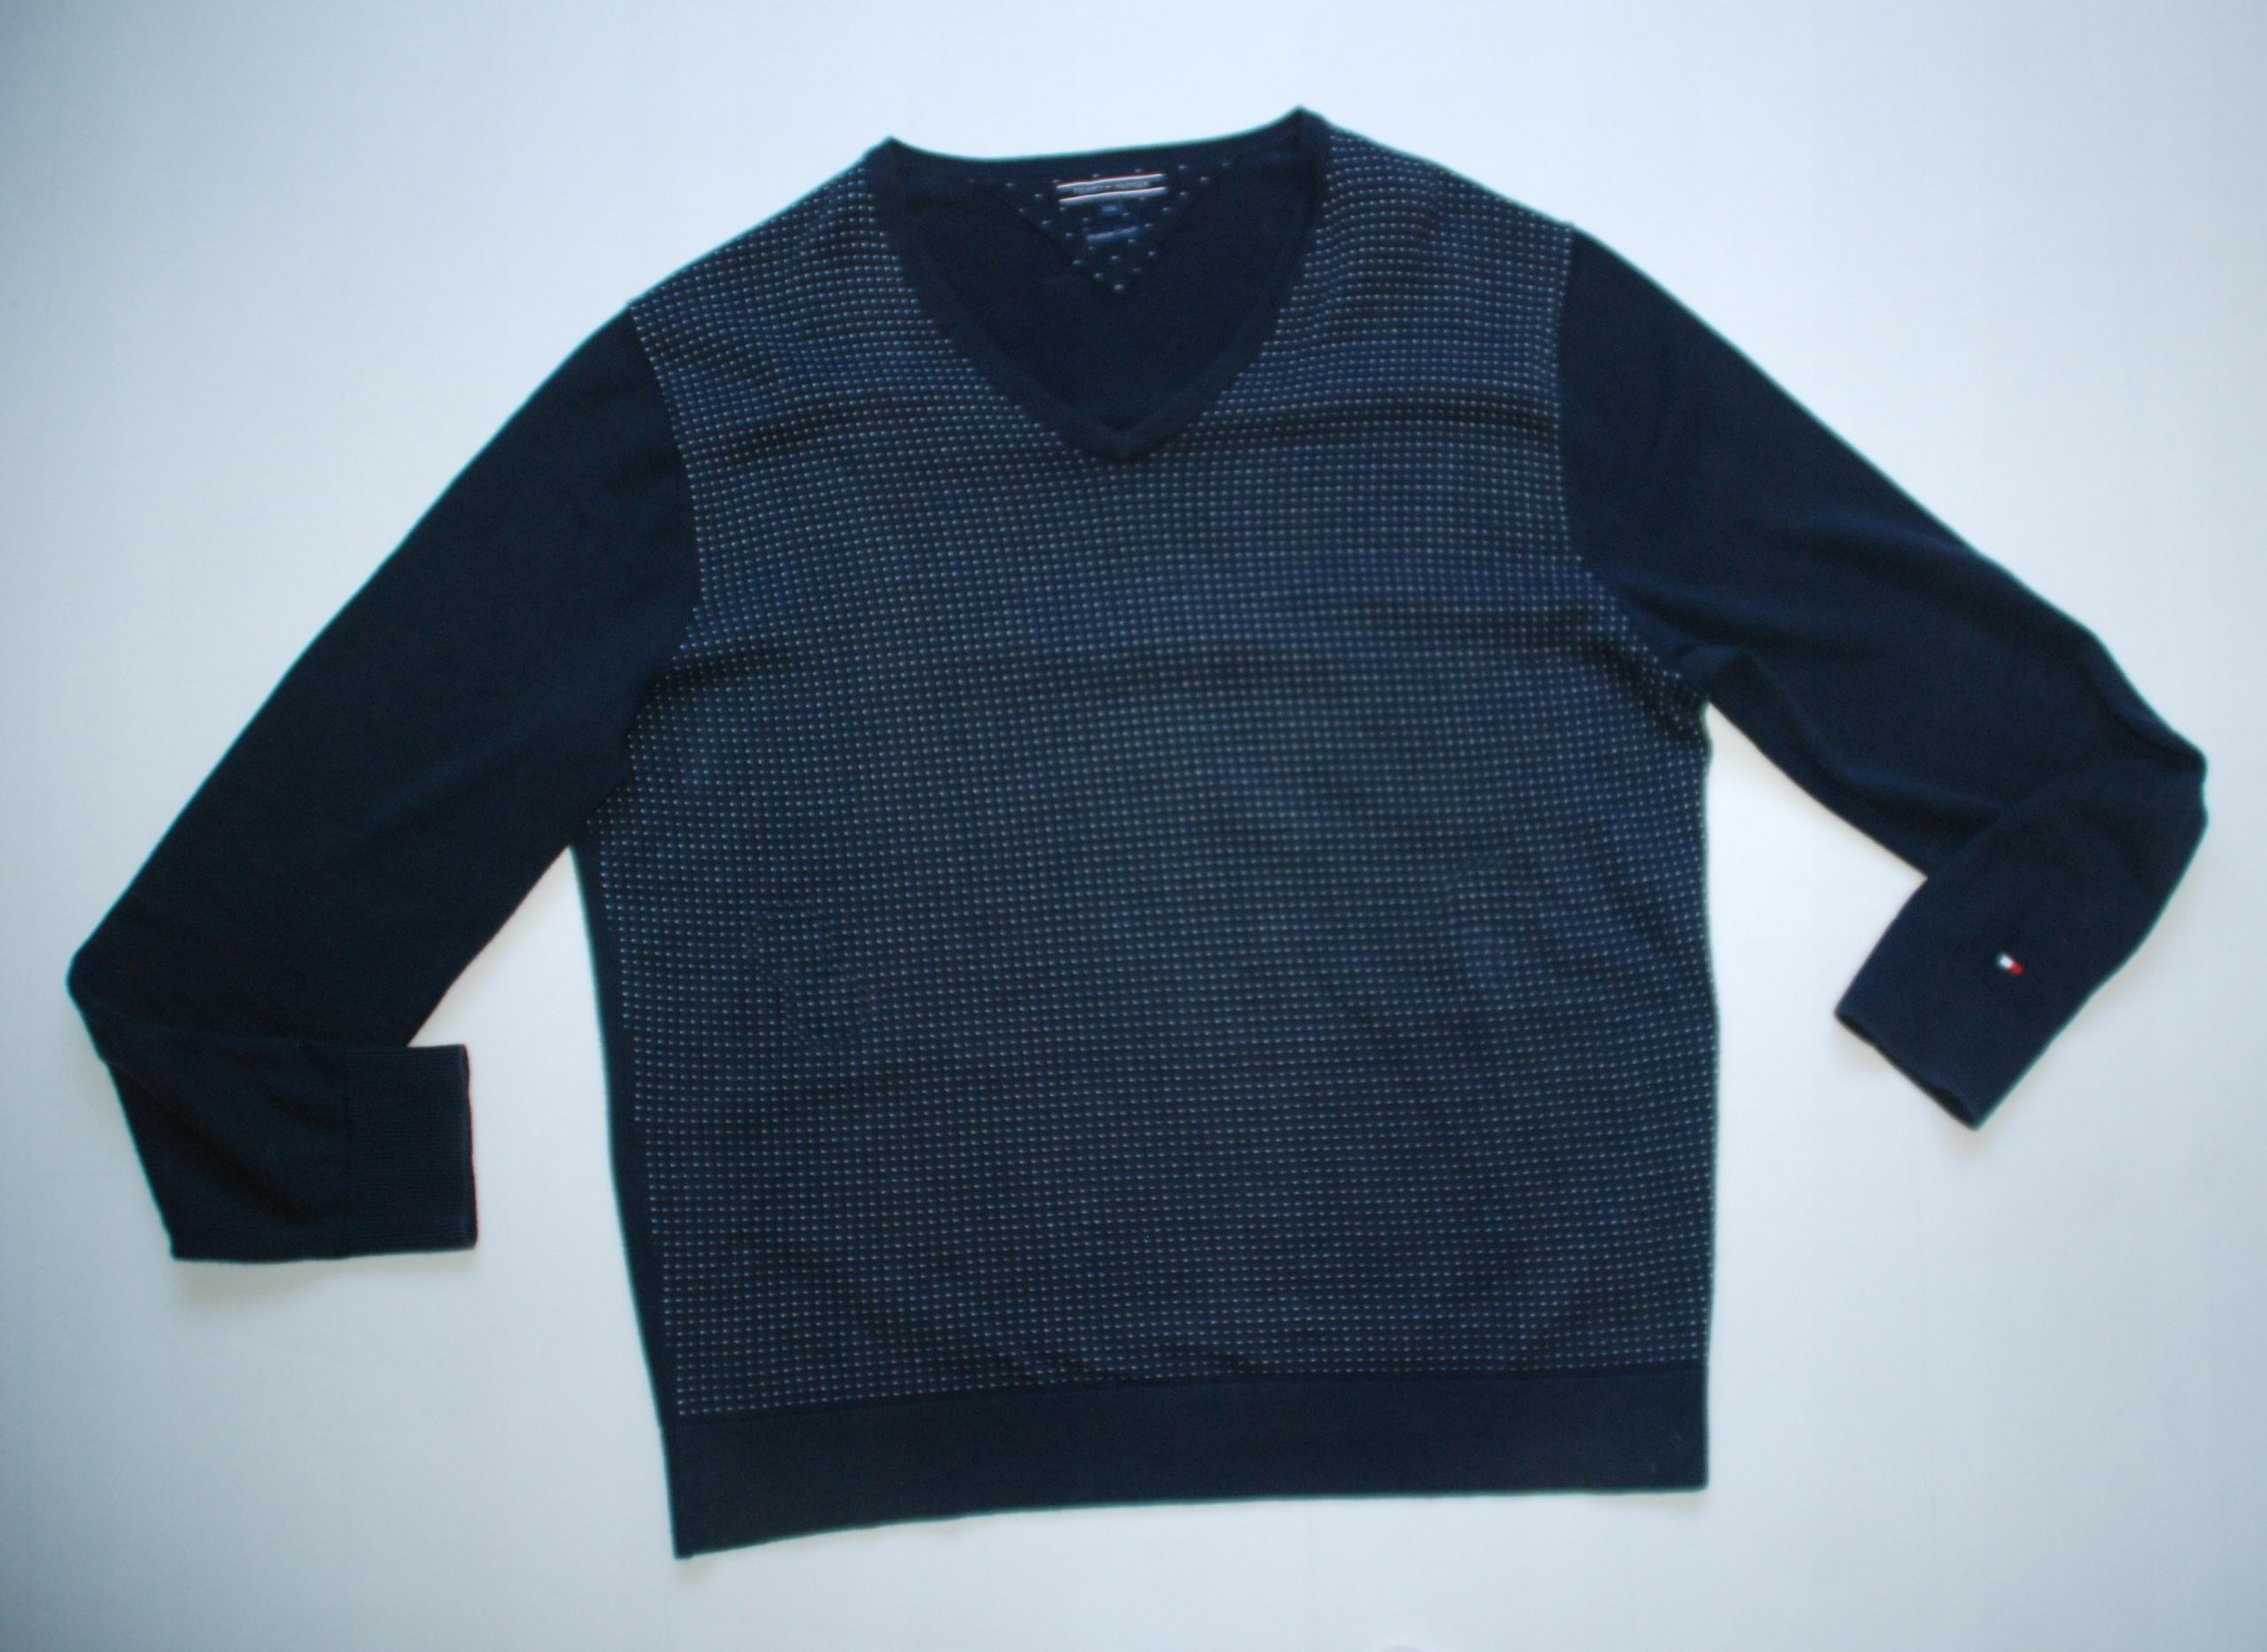 5c06f0769 Tommy Hilfiger XXL Premium Cotton sweter - 7683601469 - oficjalne archiwum  allegro